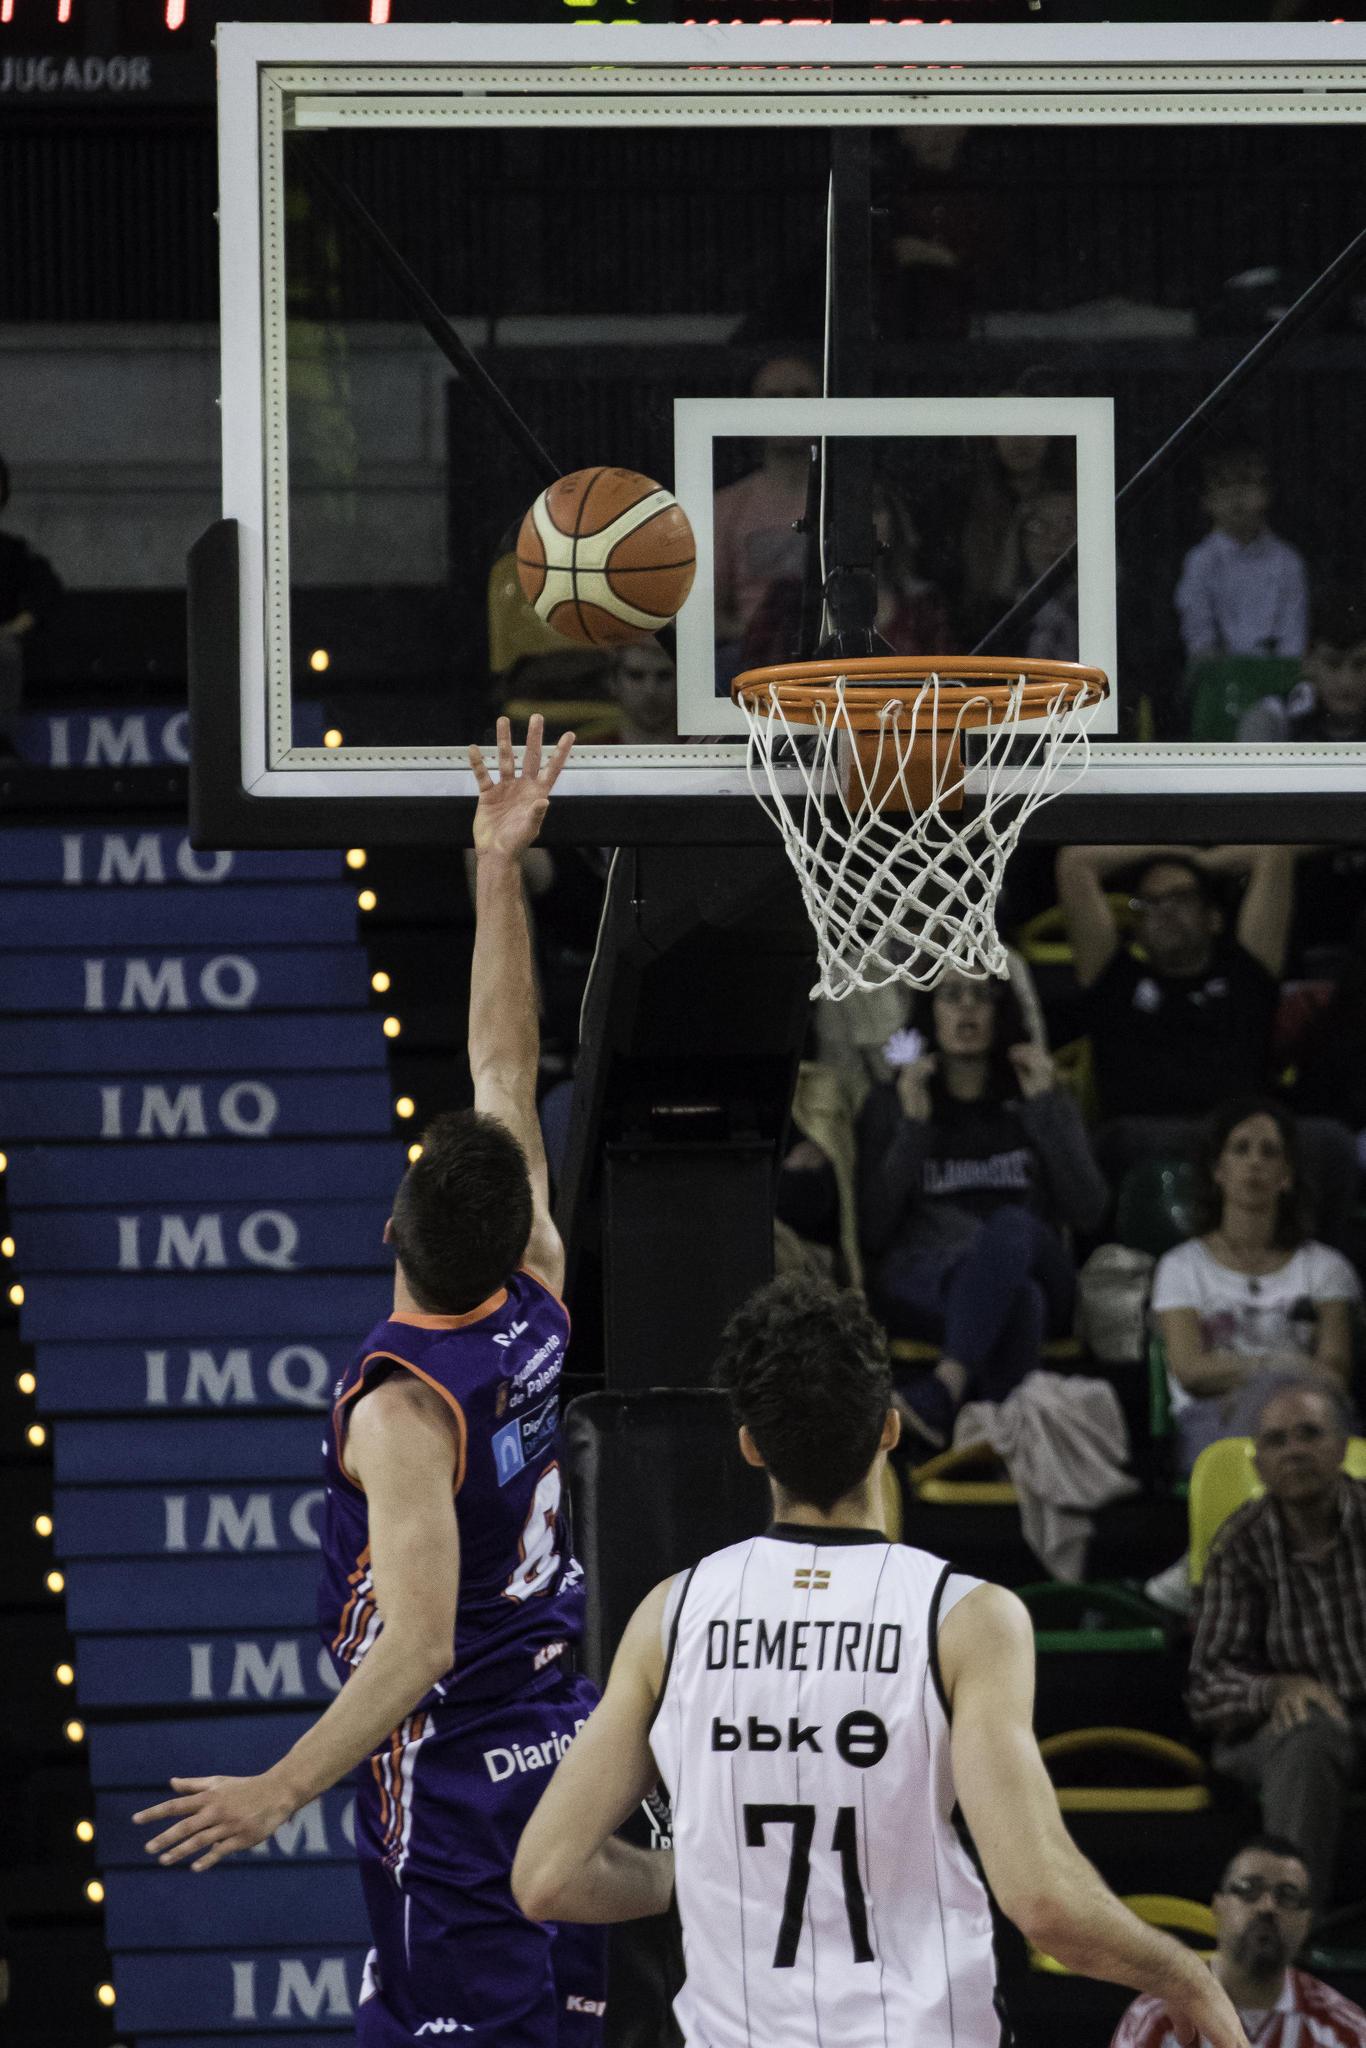 Sanz anota en contraataque  | Foto: Luis Fernando Boo.